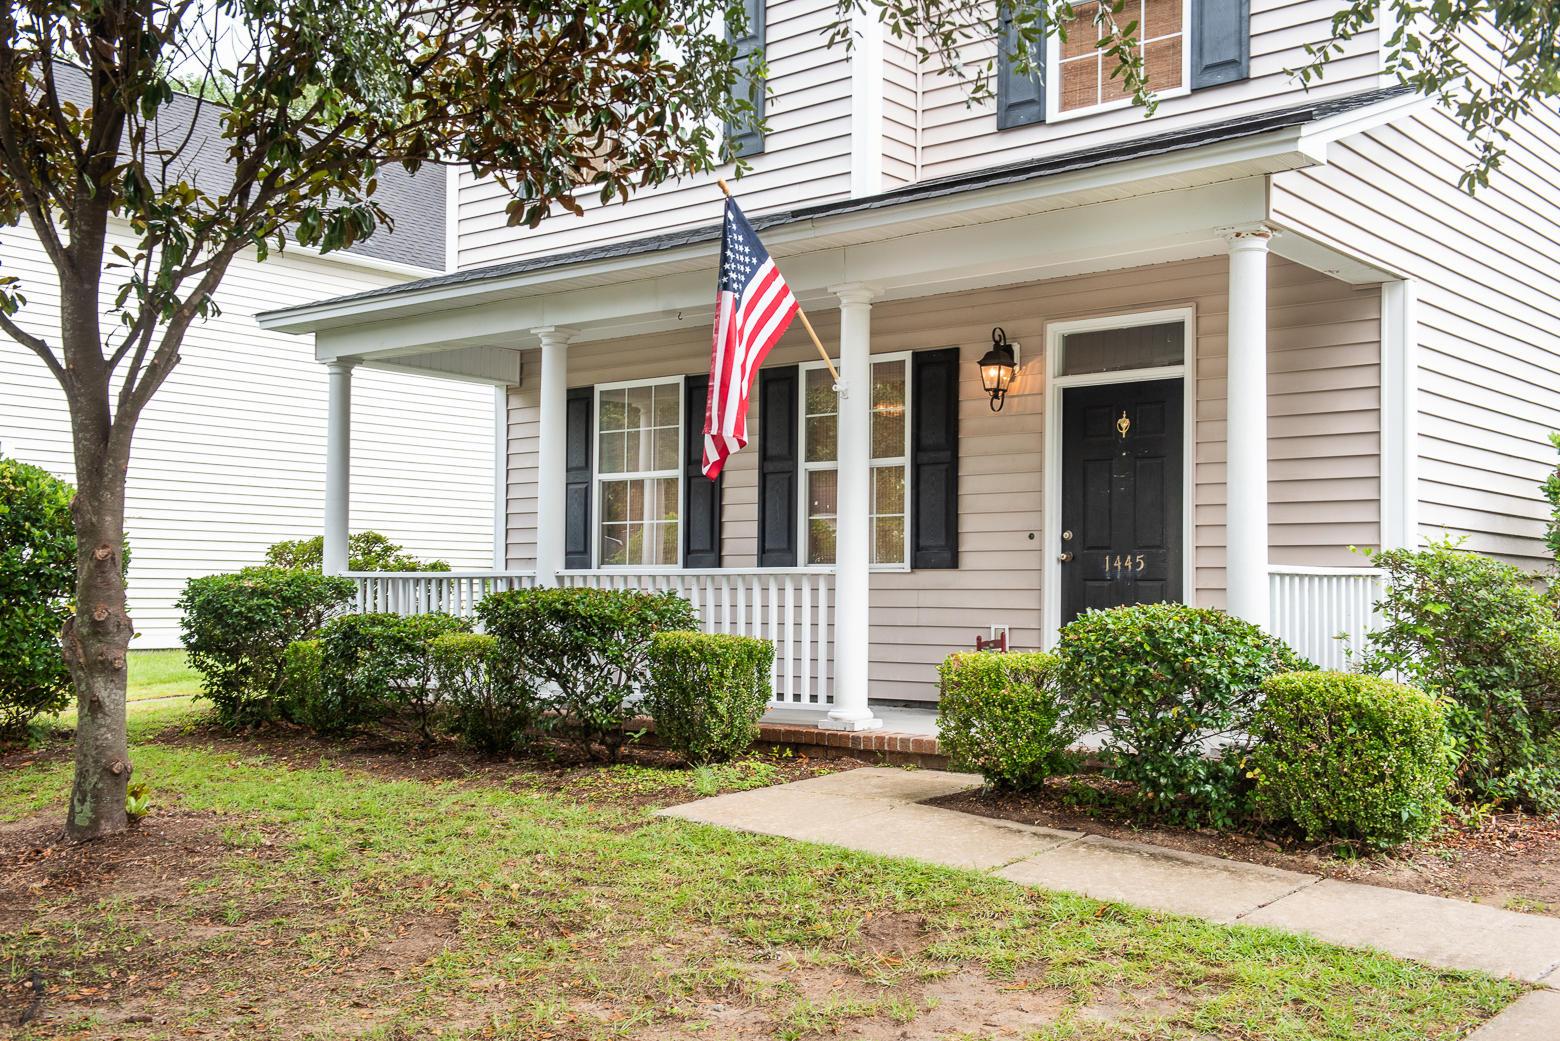 Jamestowne Village Homes For Sale - 1445 Swamp Fox, Charleston, SC - 2